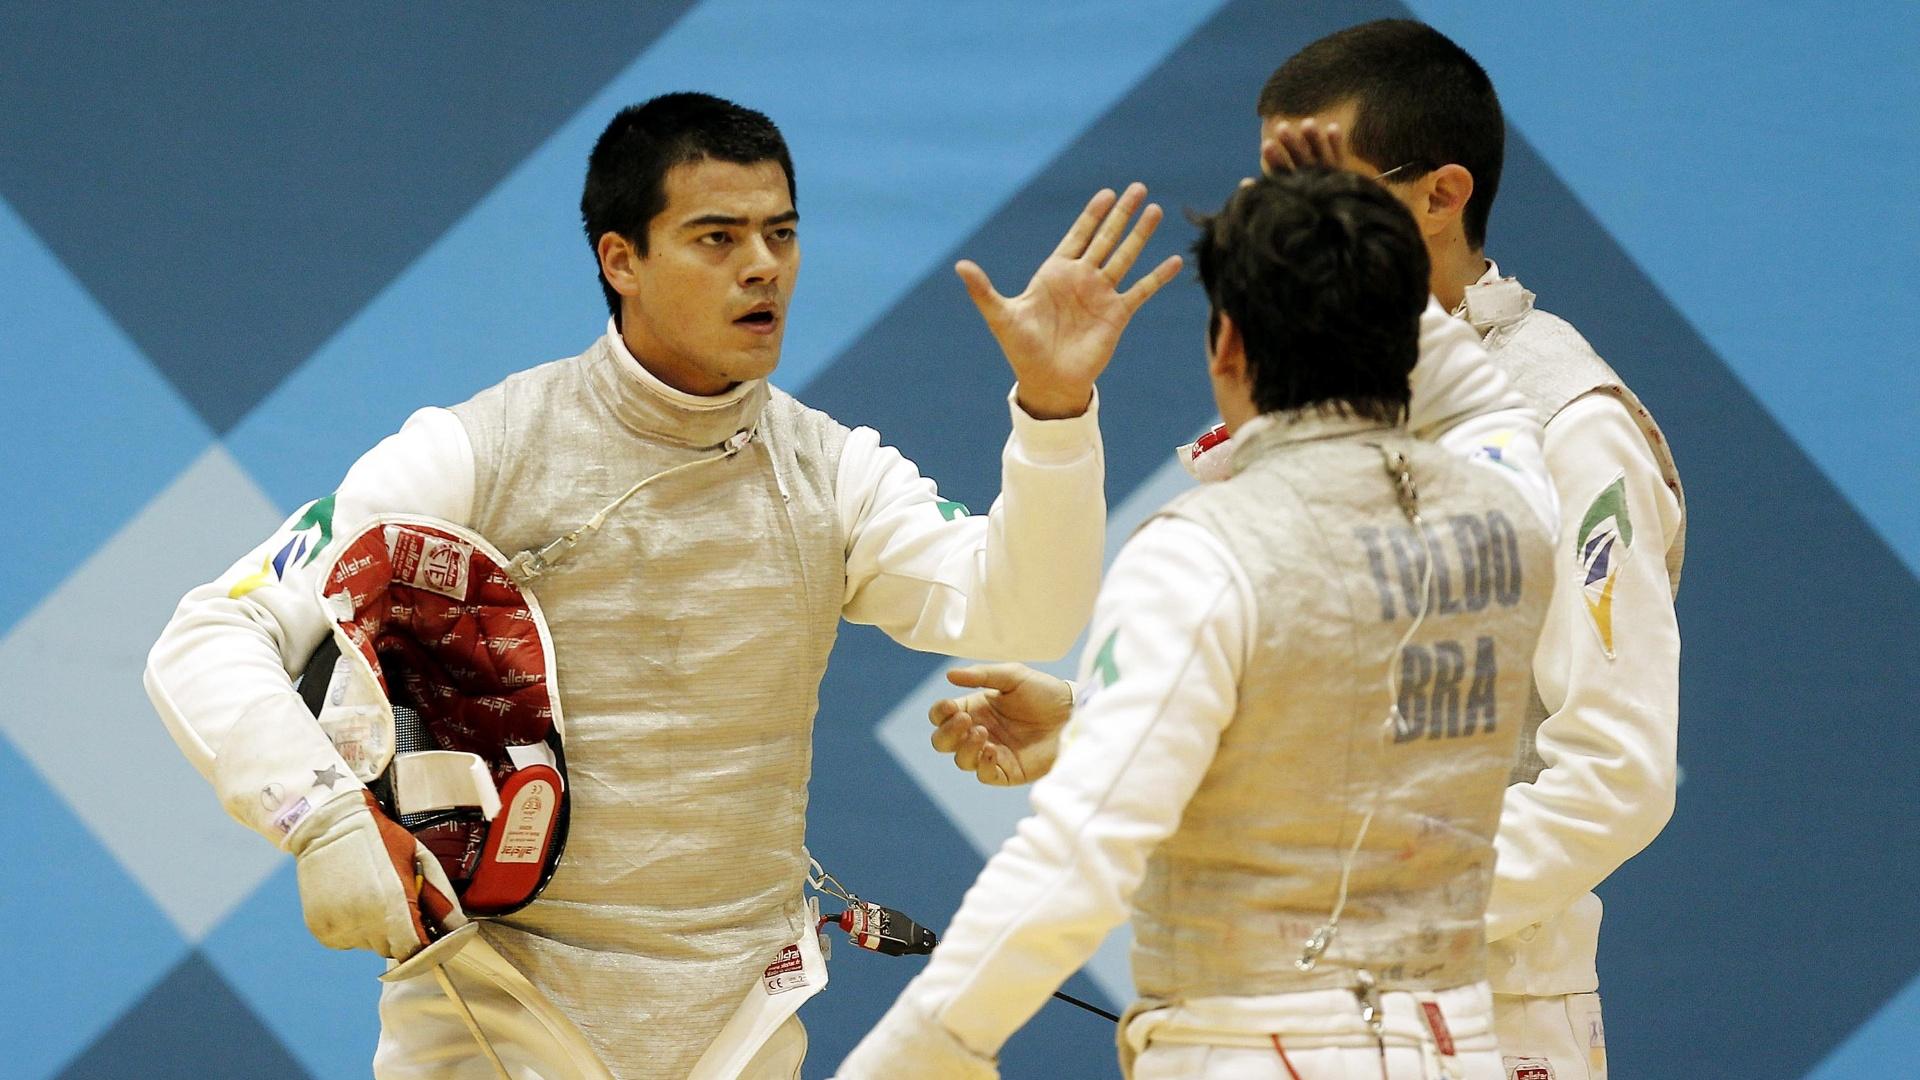 A equipe masculina do florete conquistou o bronze na esgrima, depois de derrotar o México por 45 a 43 (28/10/2011)